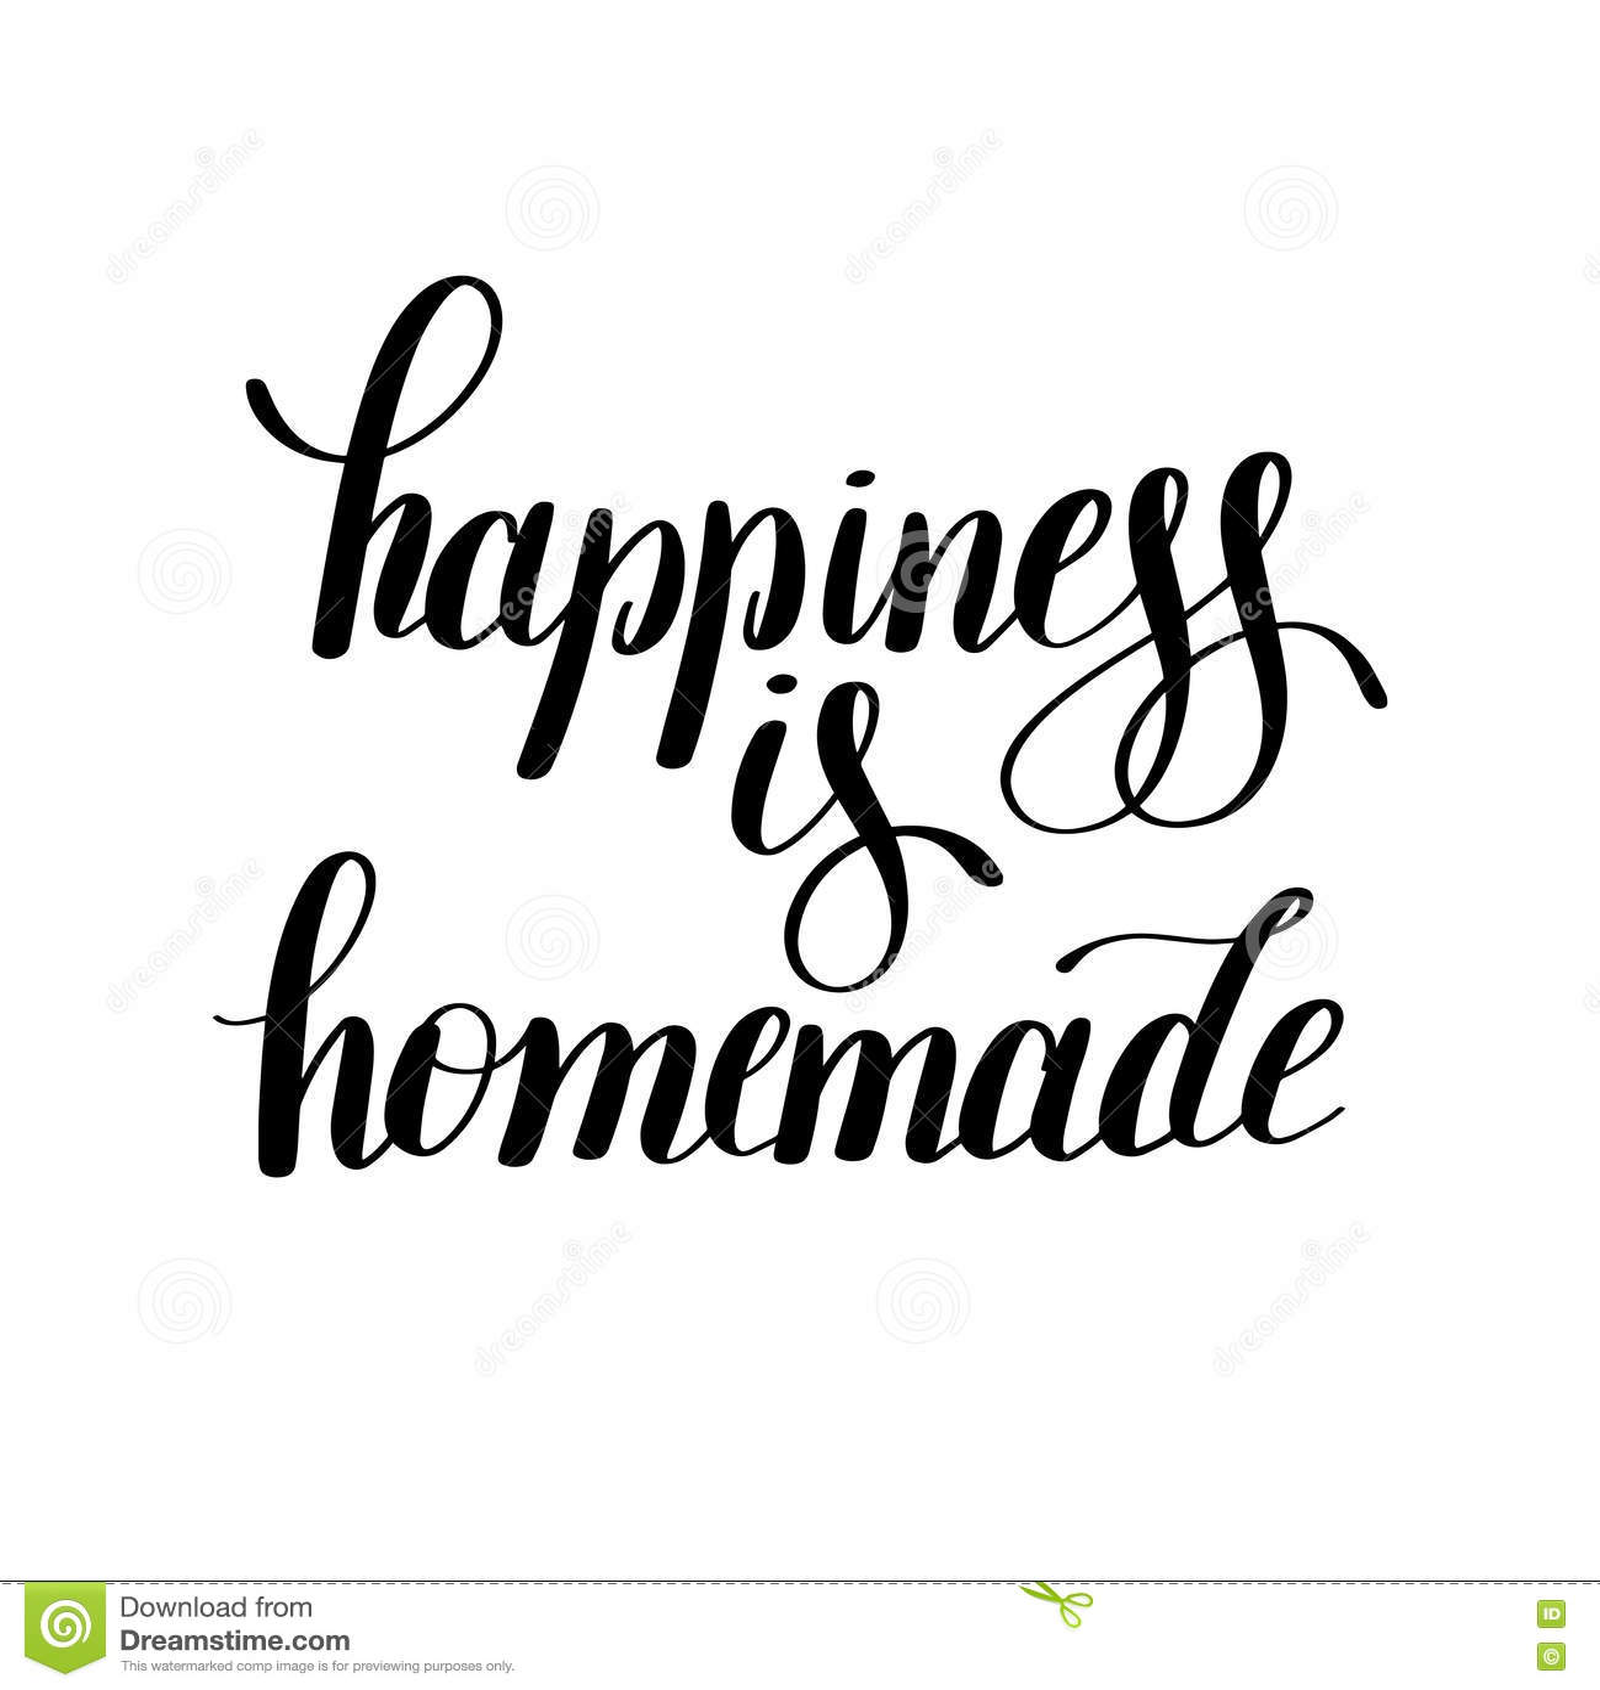 Lycka är det hemlagade handskrivna positiva inspirerande citationstecknet